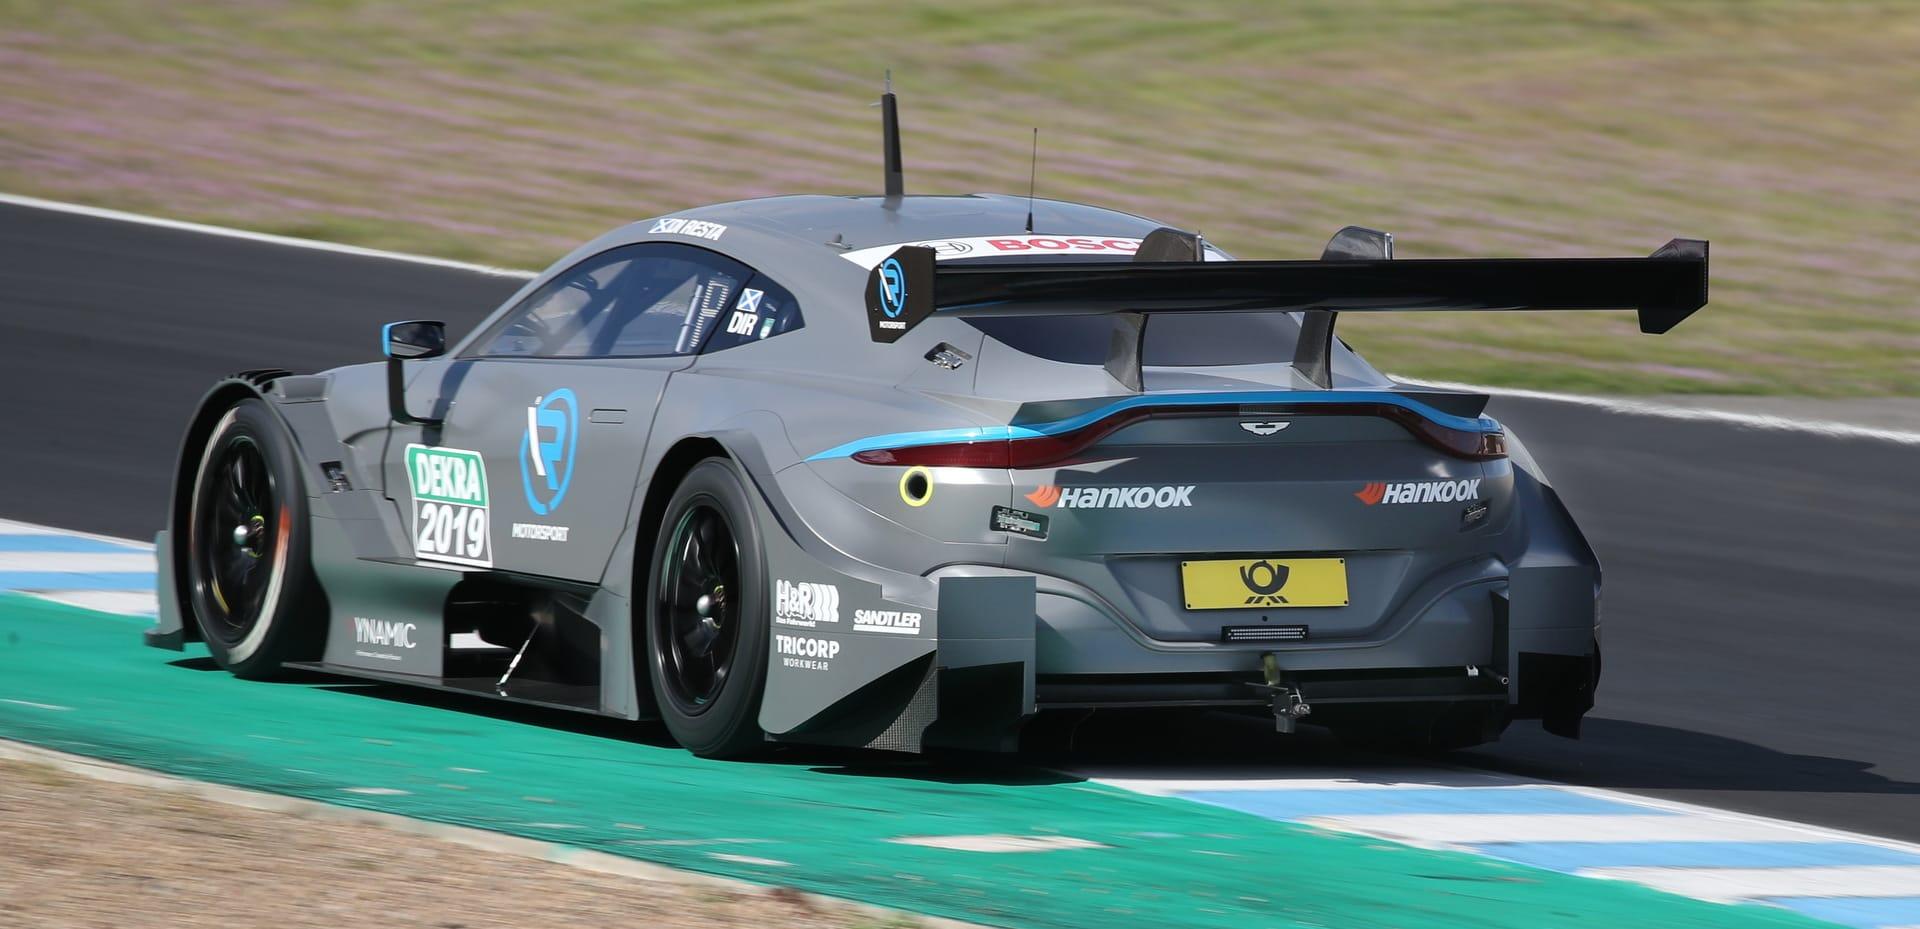 Aston Martin Die Dtm Jungfernfahrt Ist Geglückt